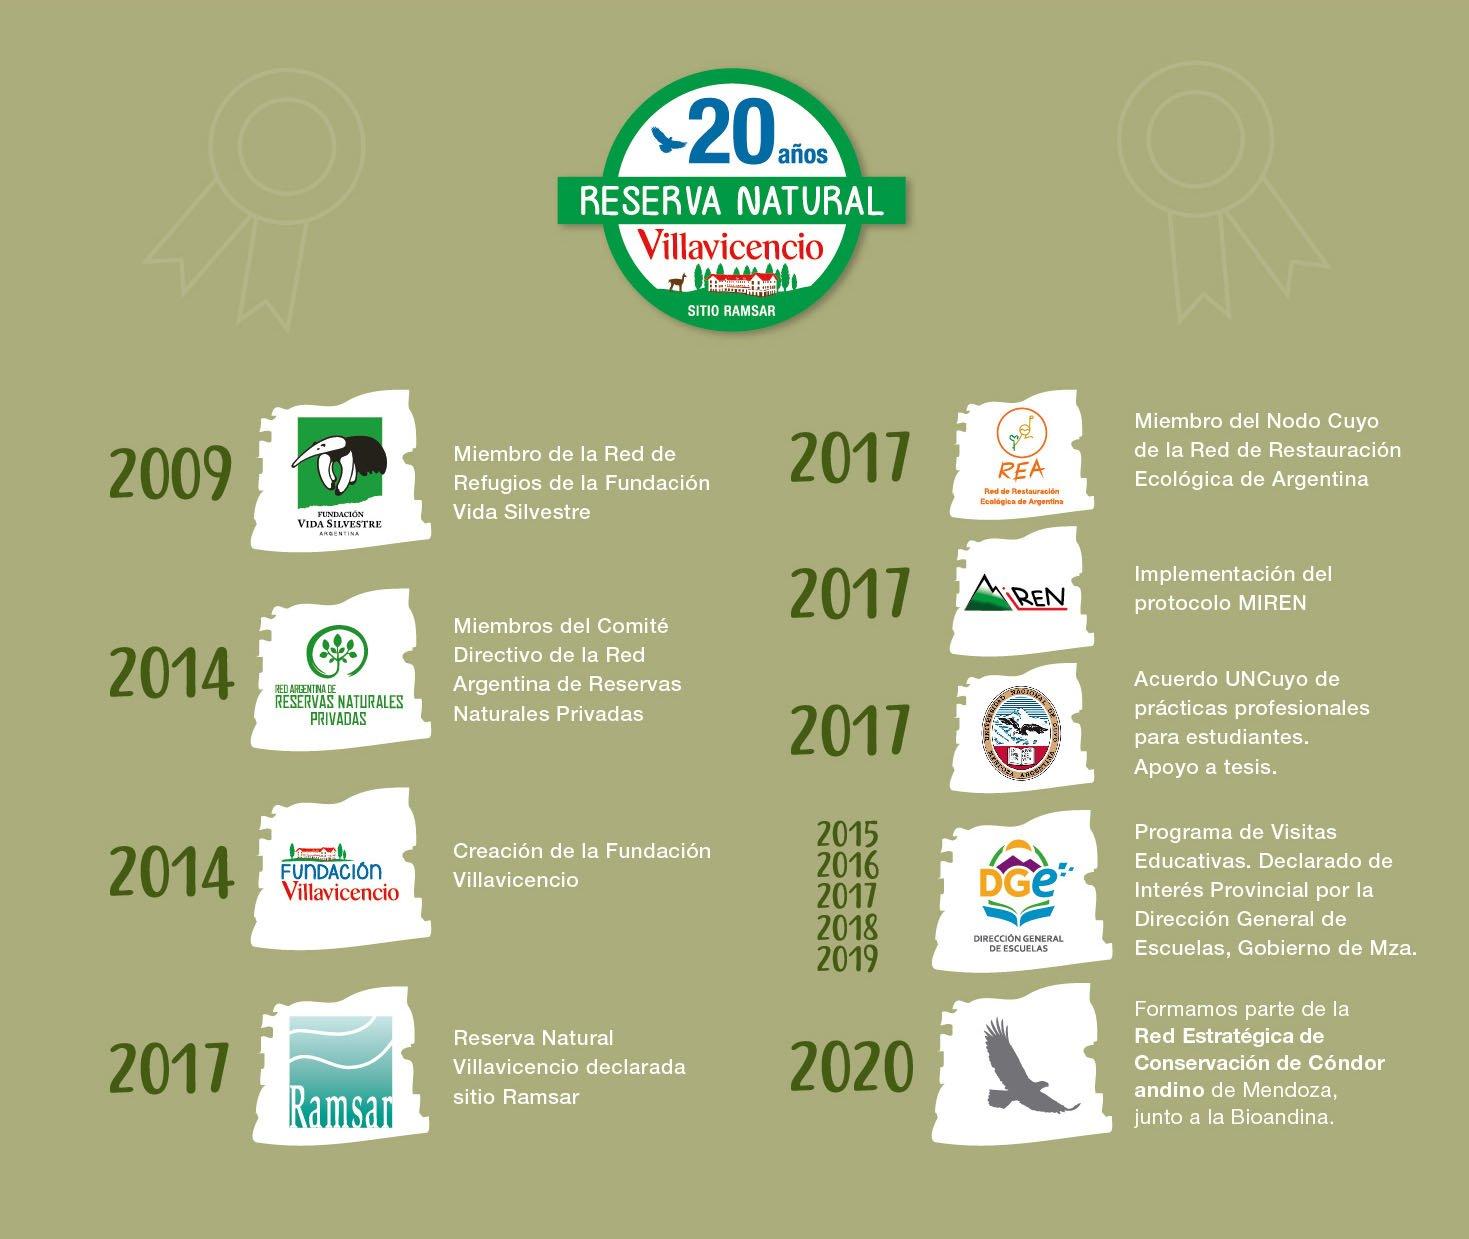 Infografía Reserva Natural Villavicencio